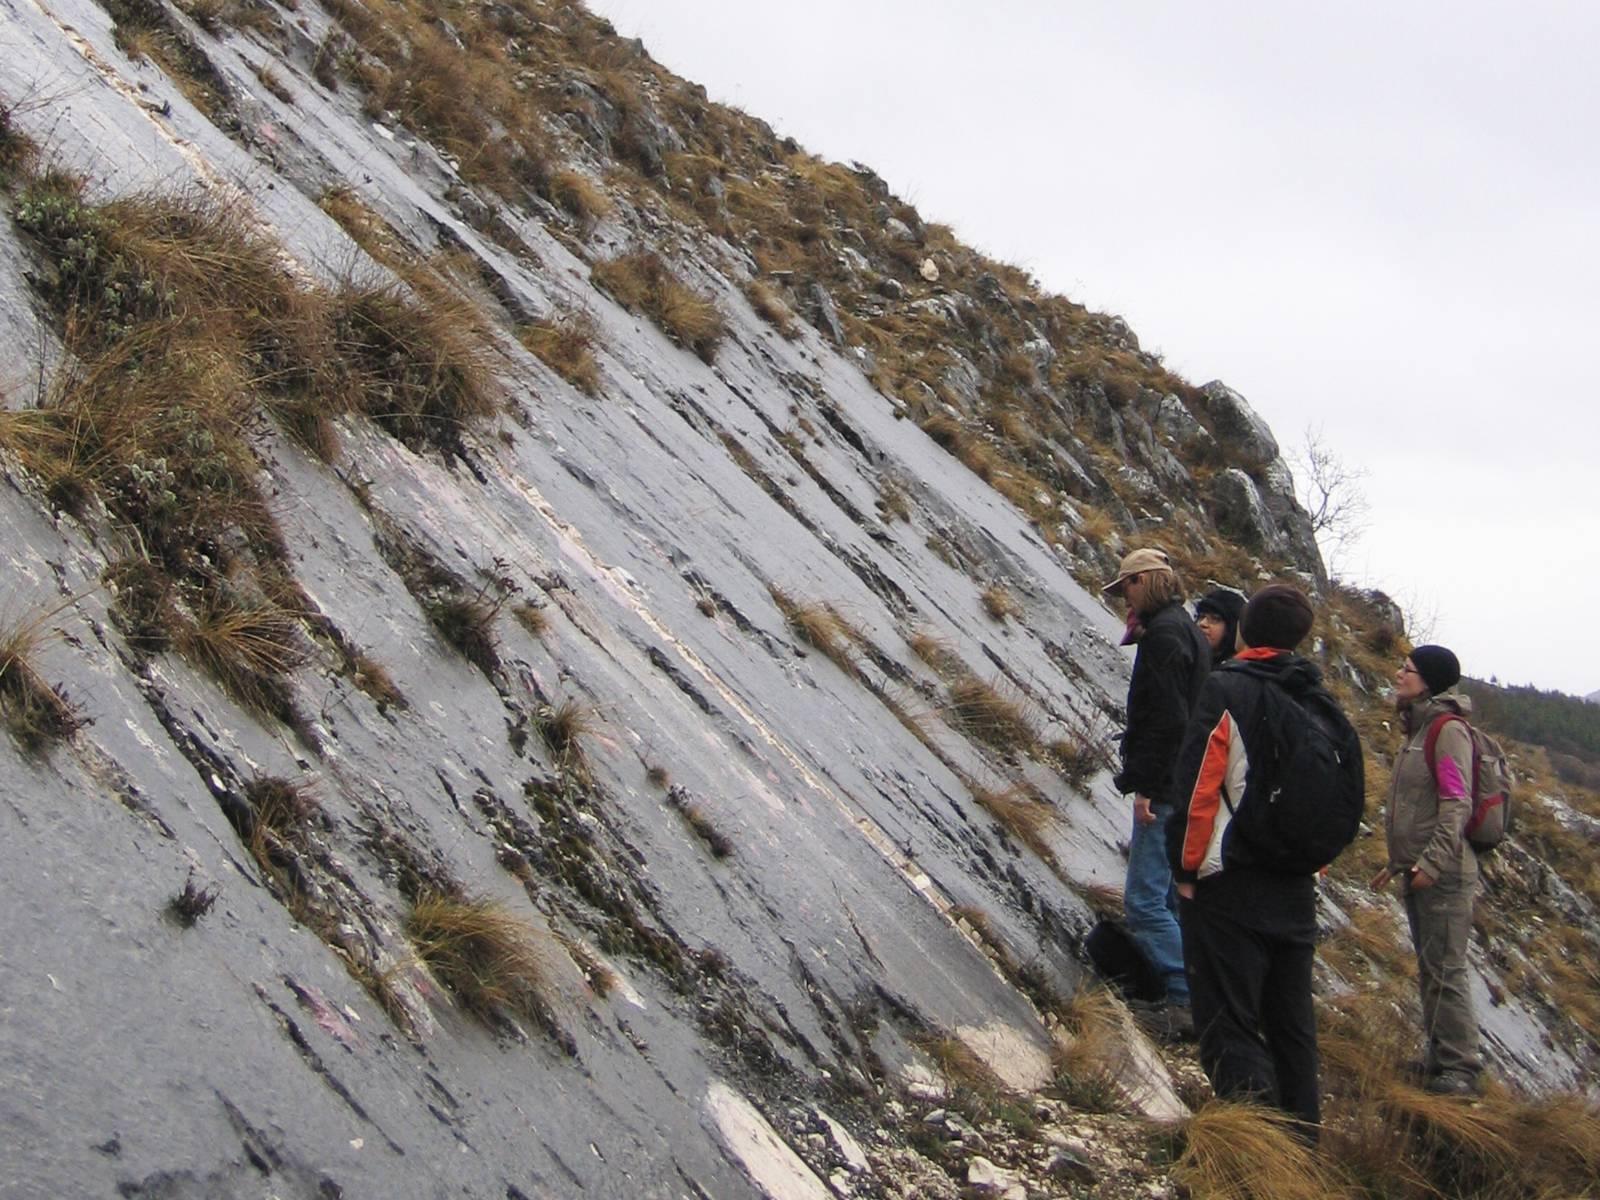 Mehrere Menschen in wetterfester Kleidung an einem Berghang